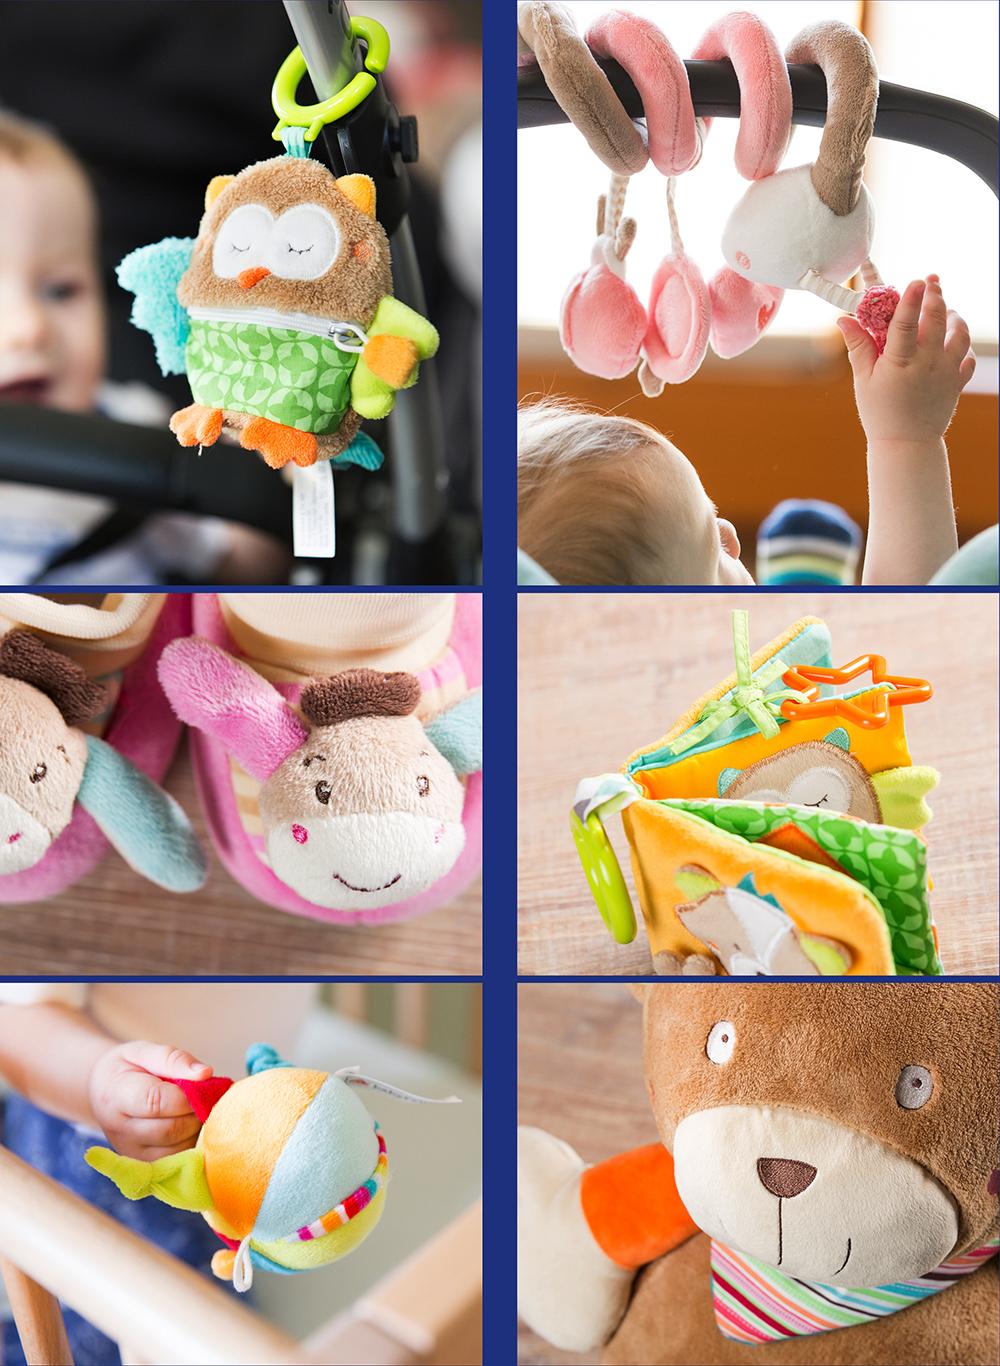 Riegg_und_Partner_Fotostudio_Kinderfotografie_ babyFehn